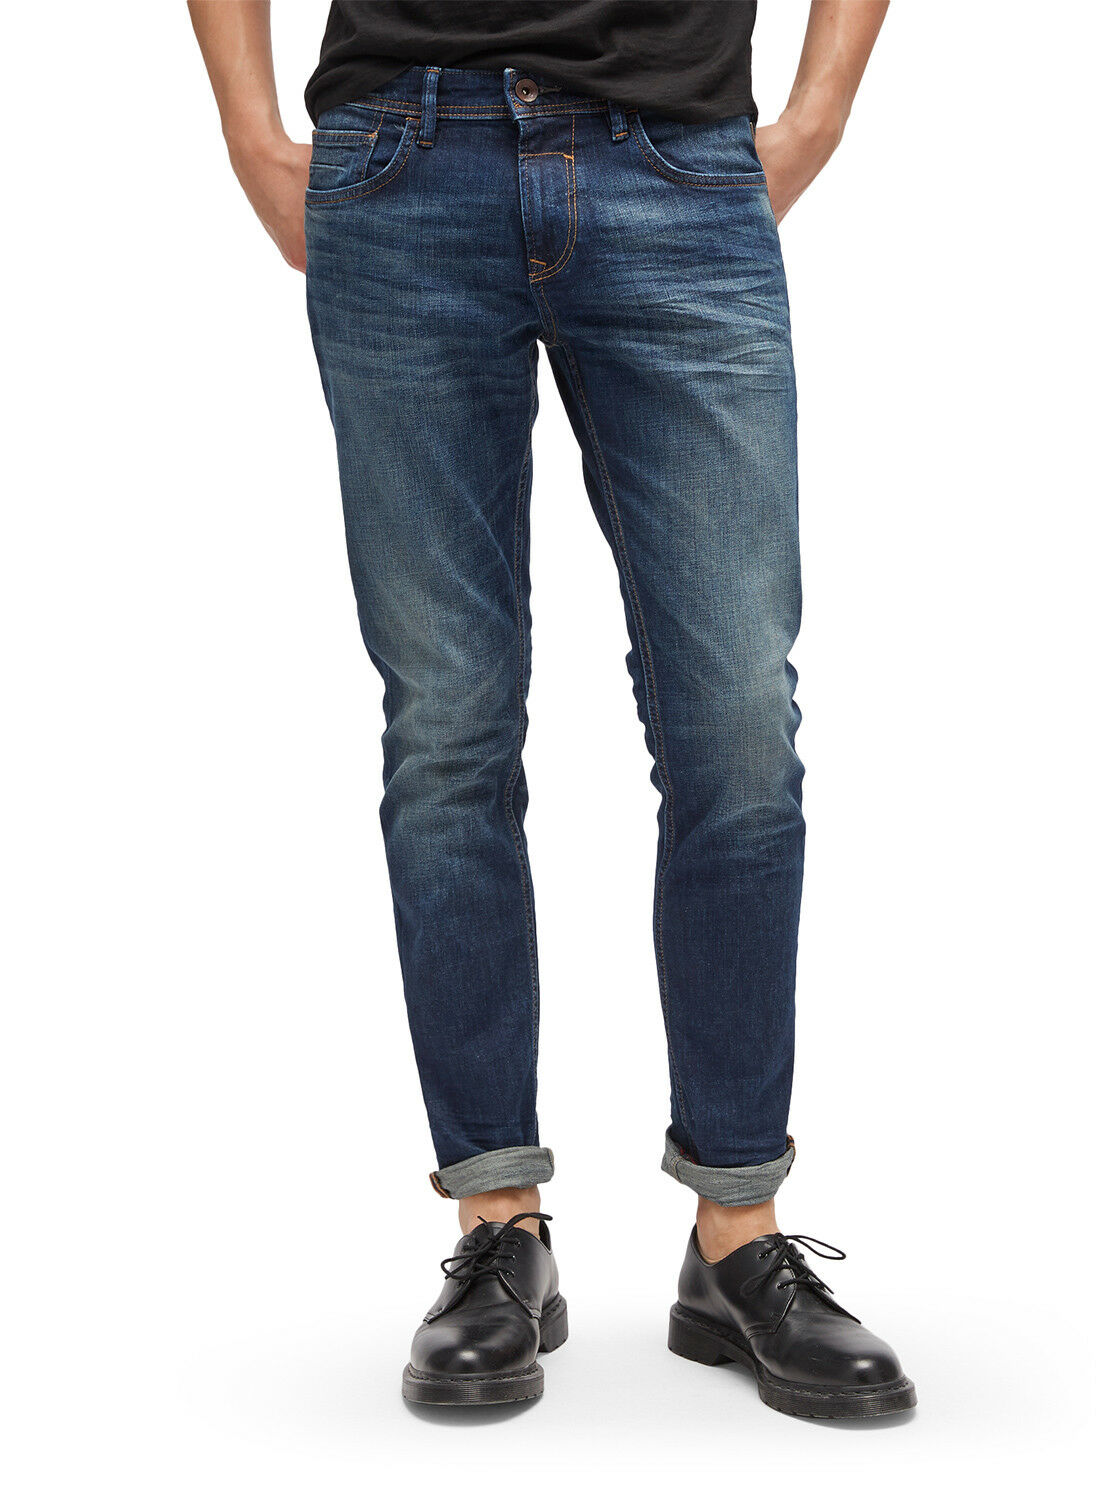 Tom Tailor Denim Jeans Uomo Uomo Uomo Pantaloni lamentano Super Slim Blu Scuro Blu Skinny fe6665